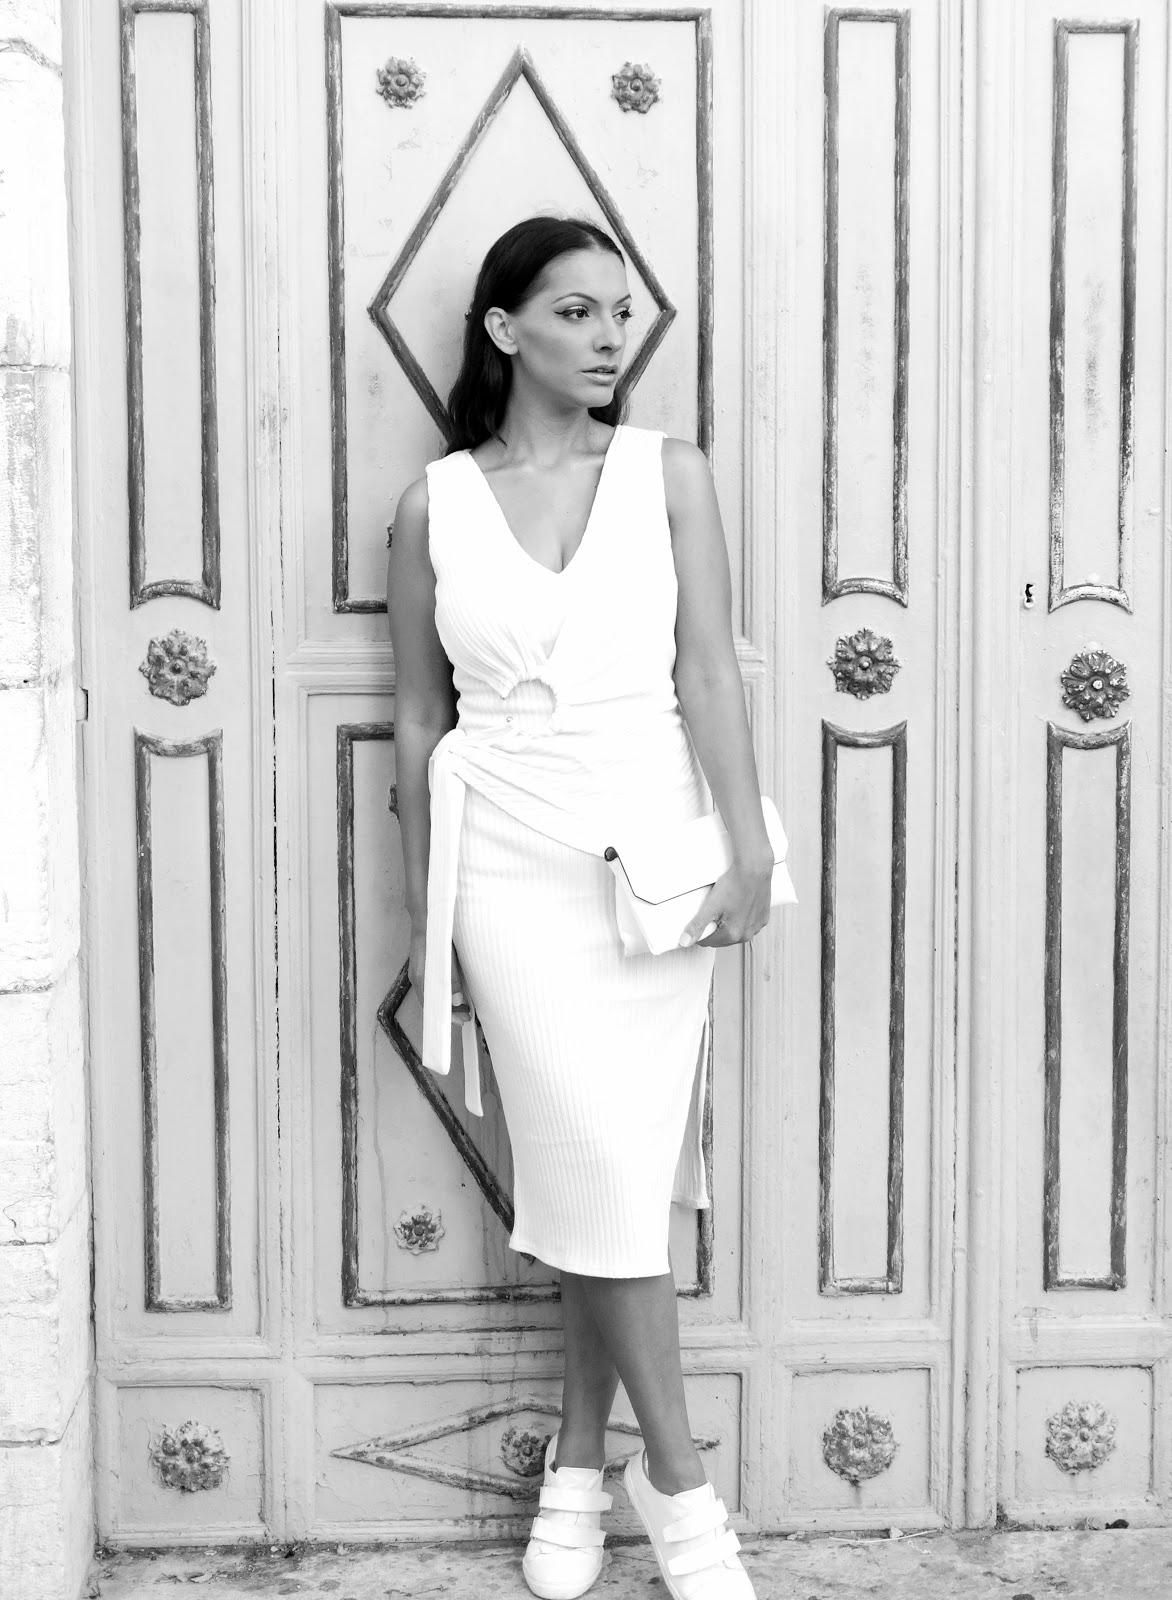 שמלה לבנה חג